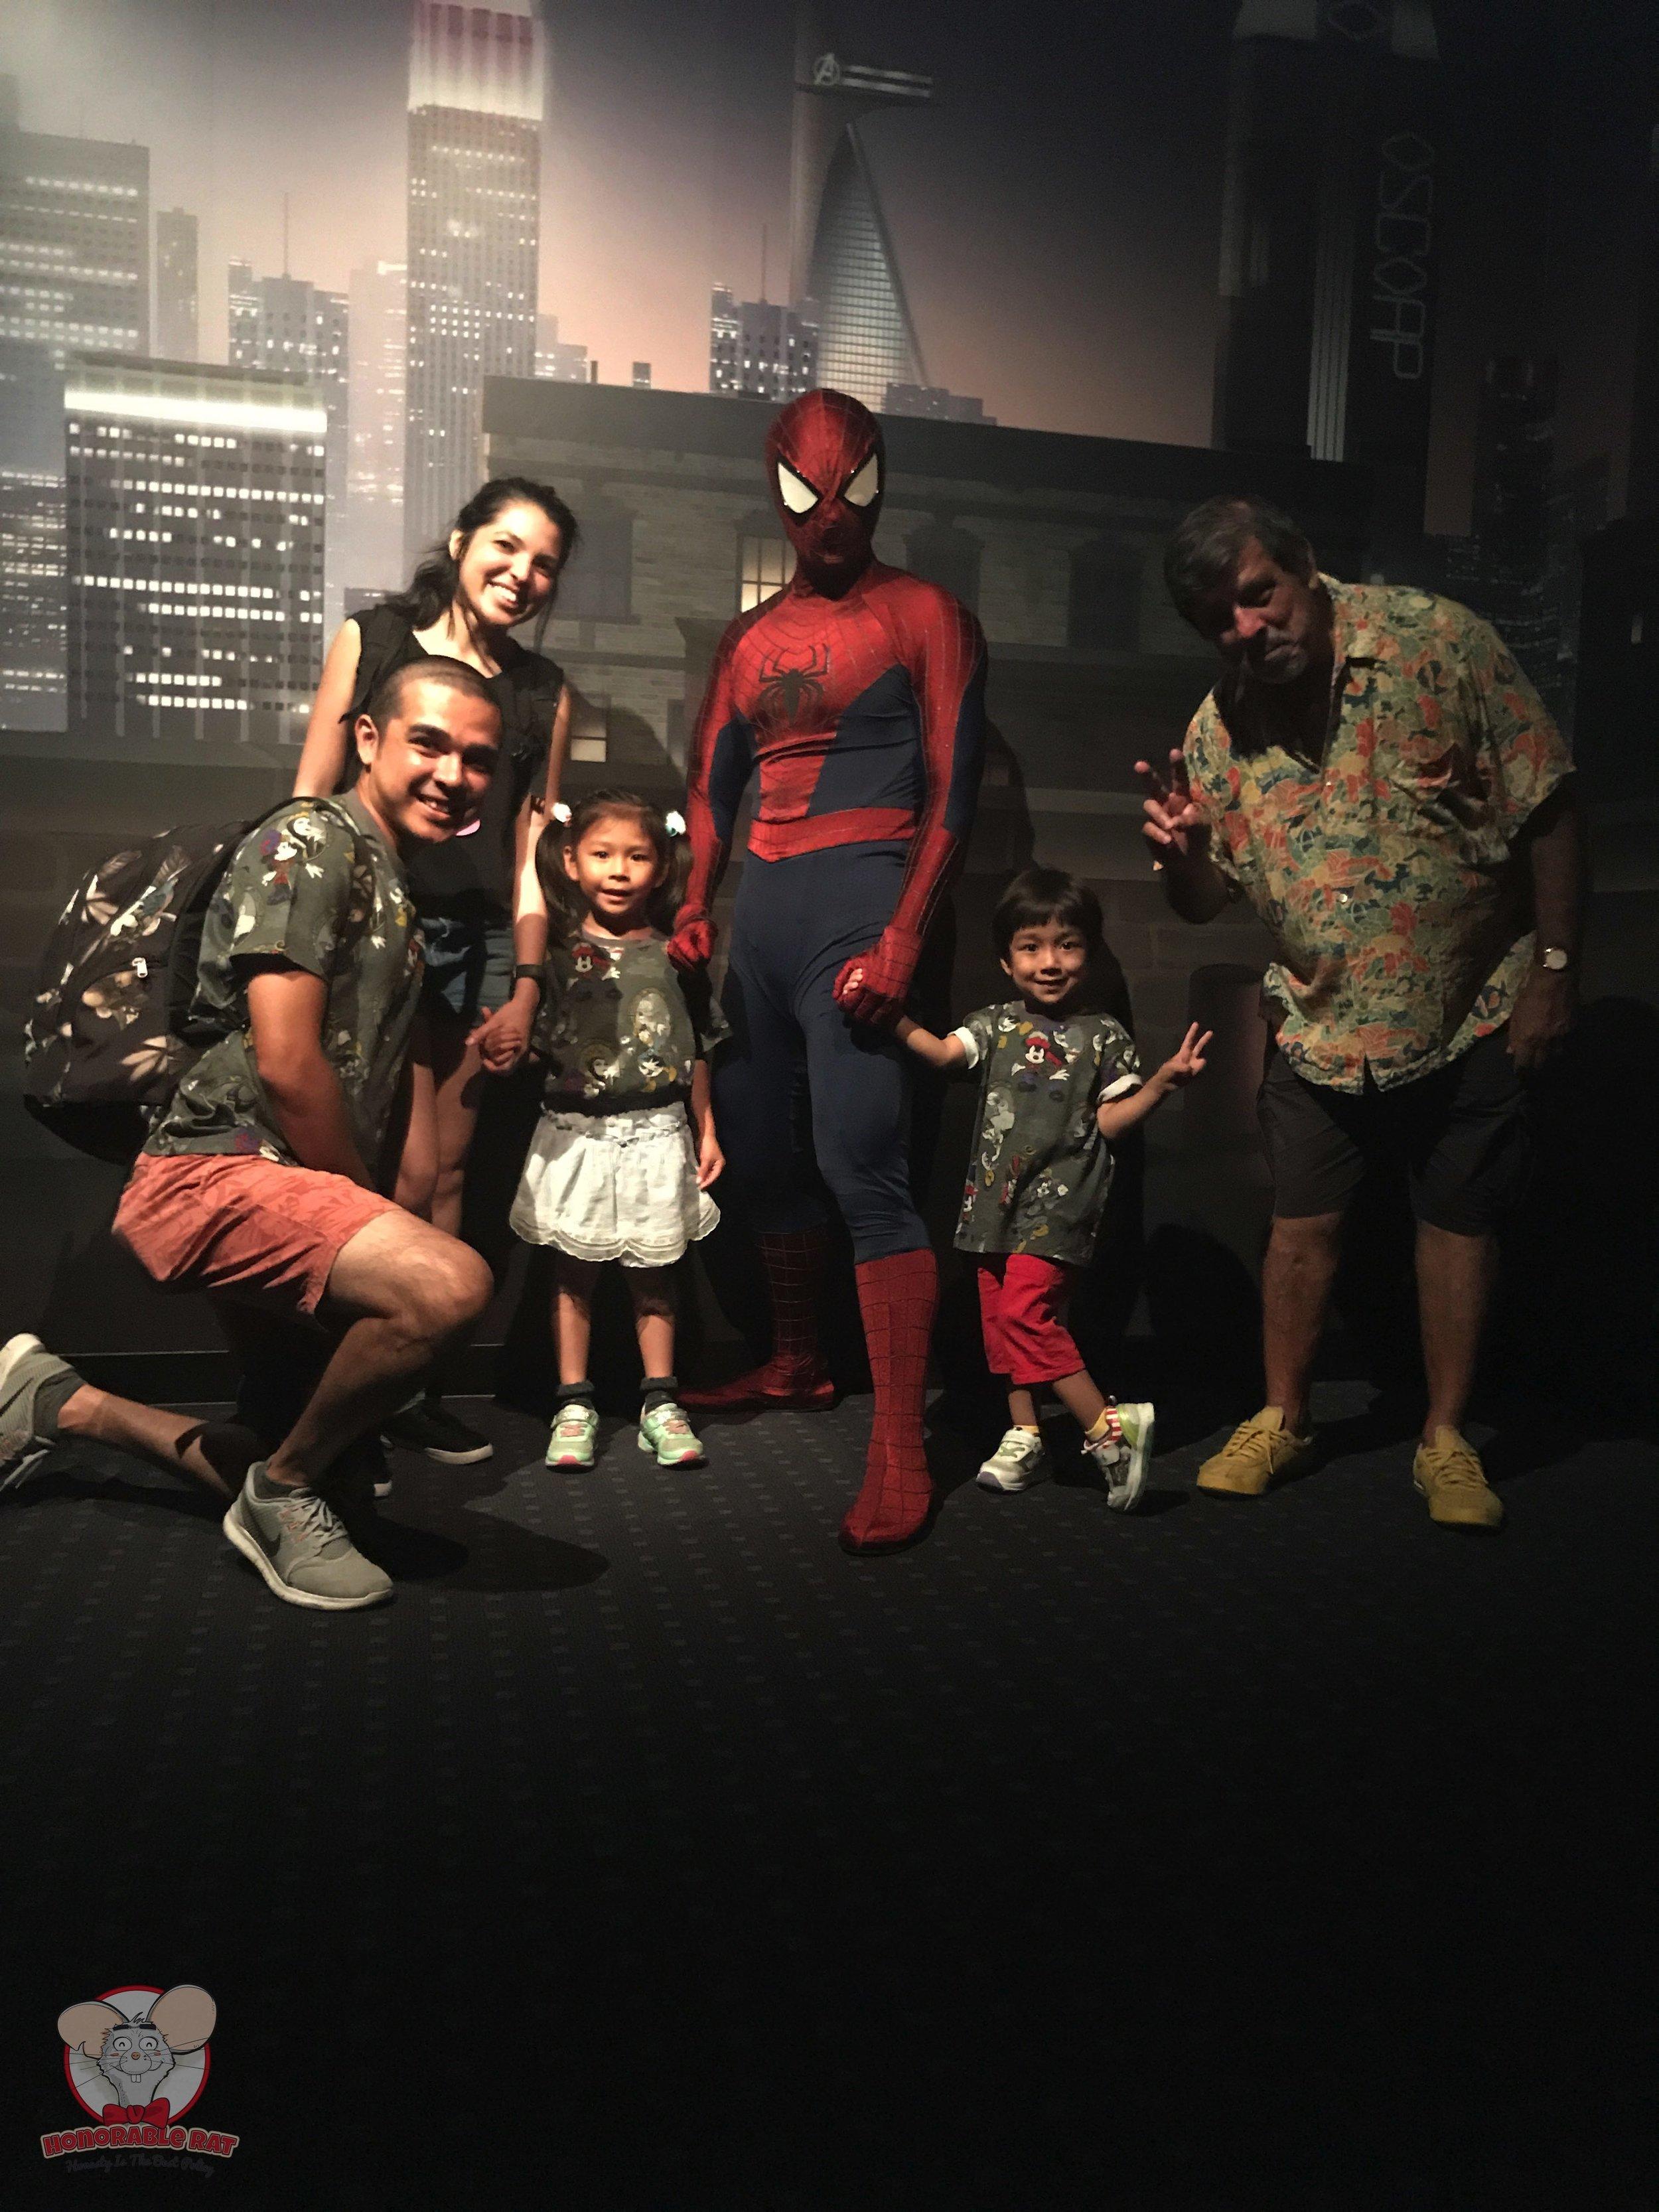 Meeting Spiderman